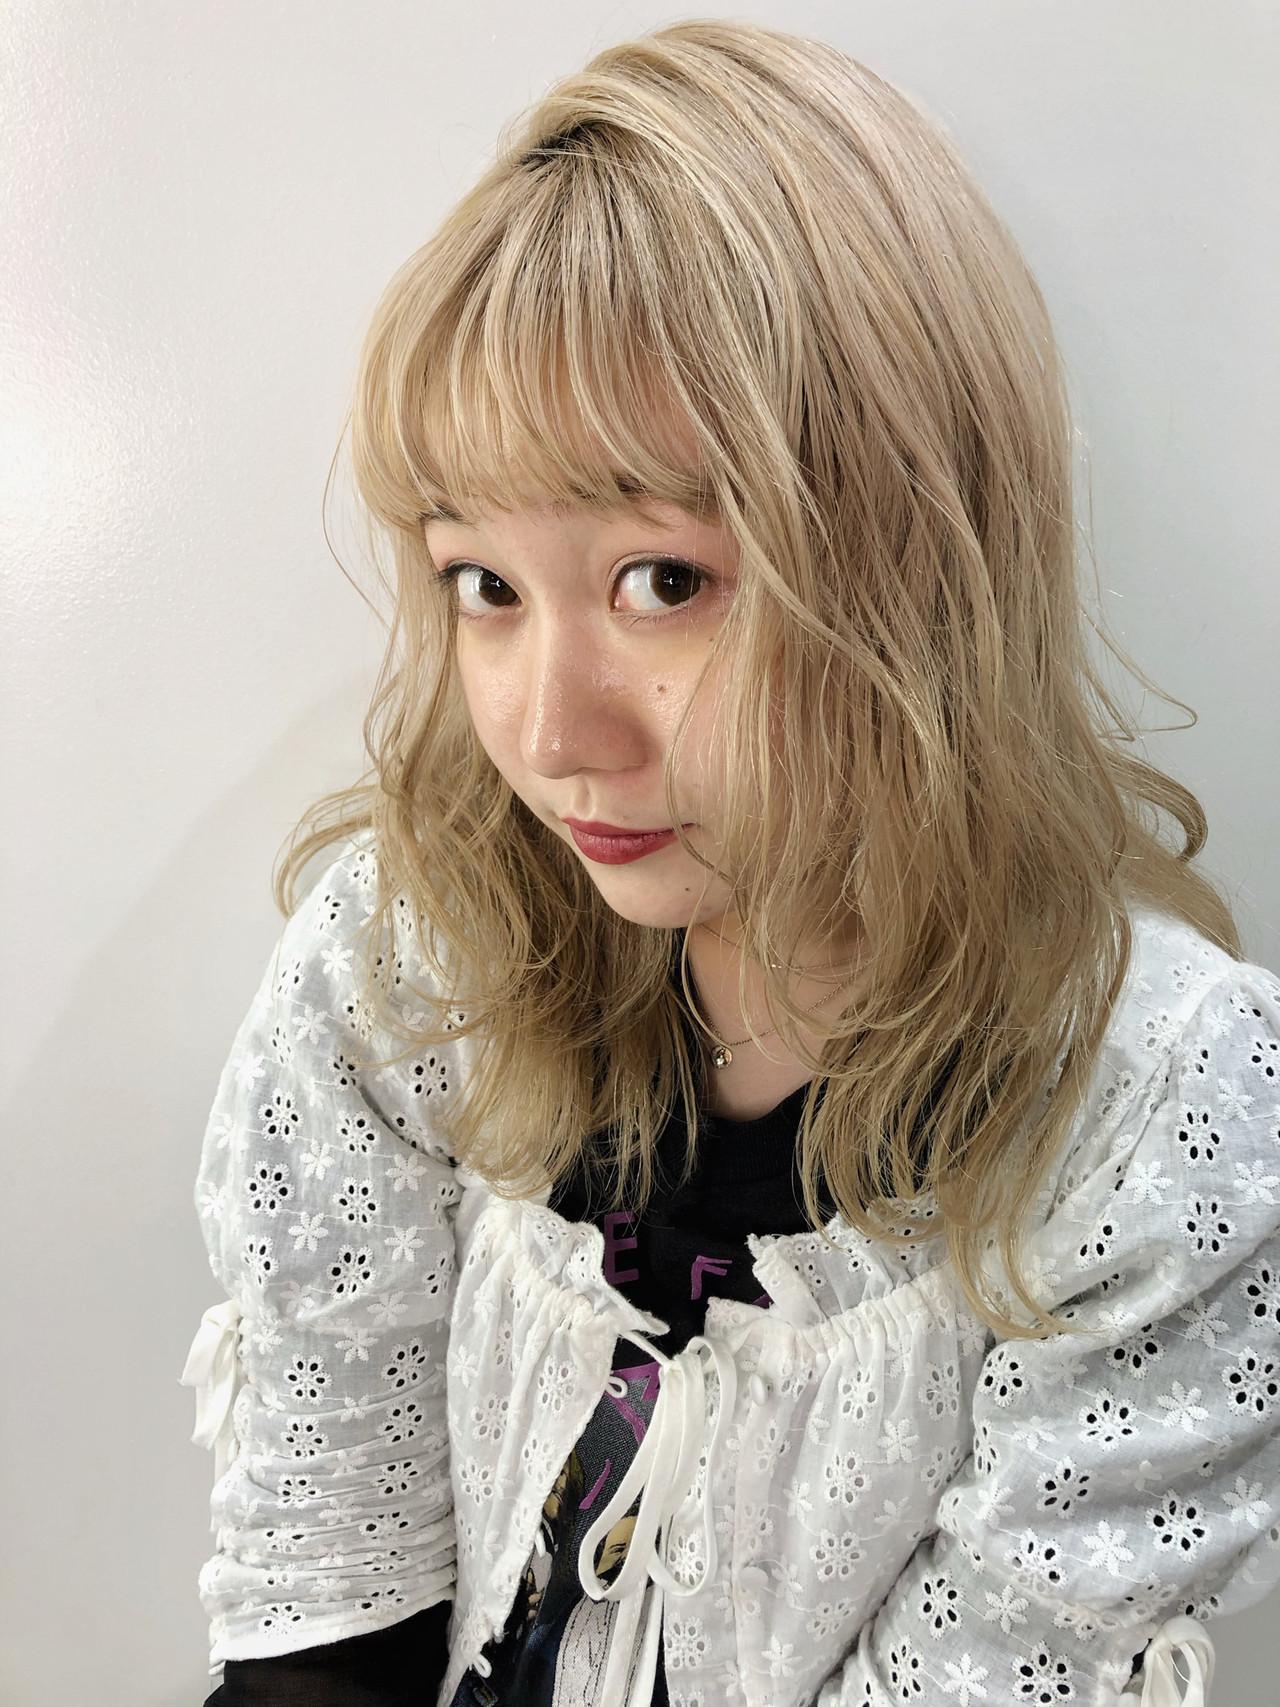 ホワイトベージュ ミルクティーベージュ ゆるふわセット アンニュイほつれヘア ヘアスタイルや髪型の写真・画像